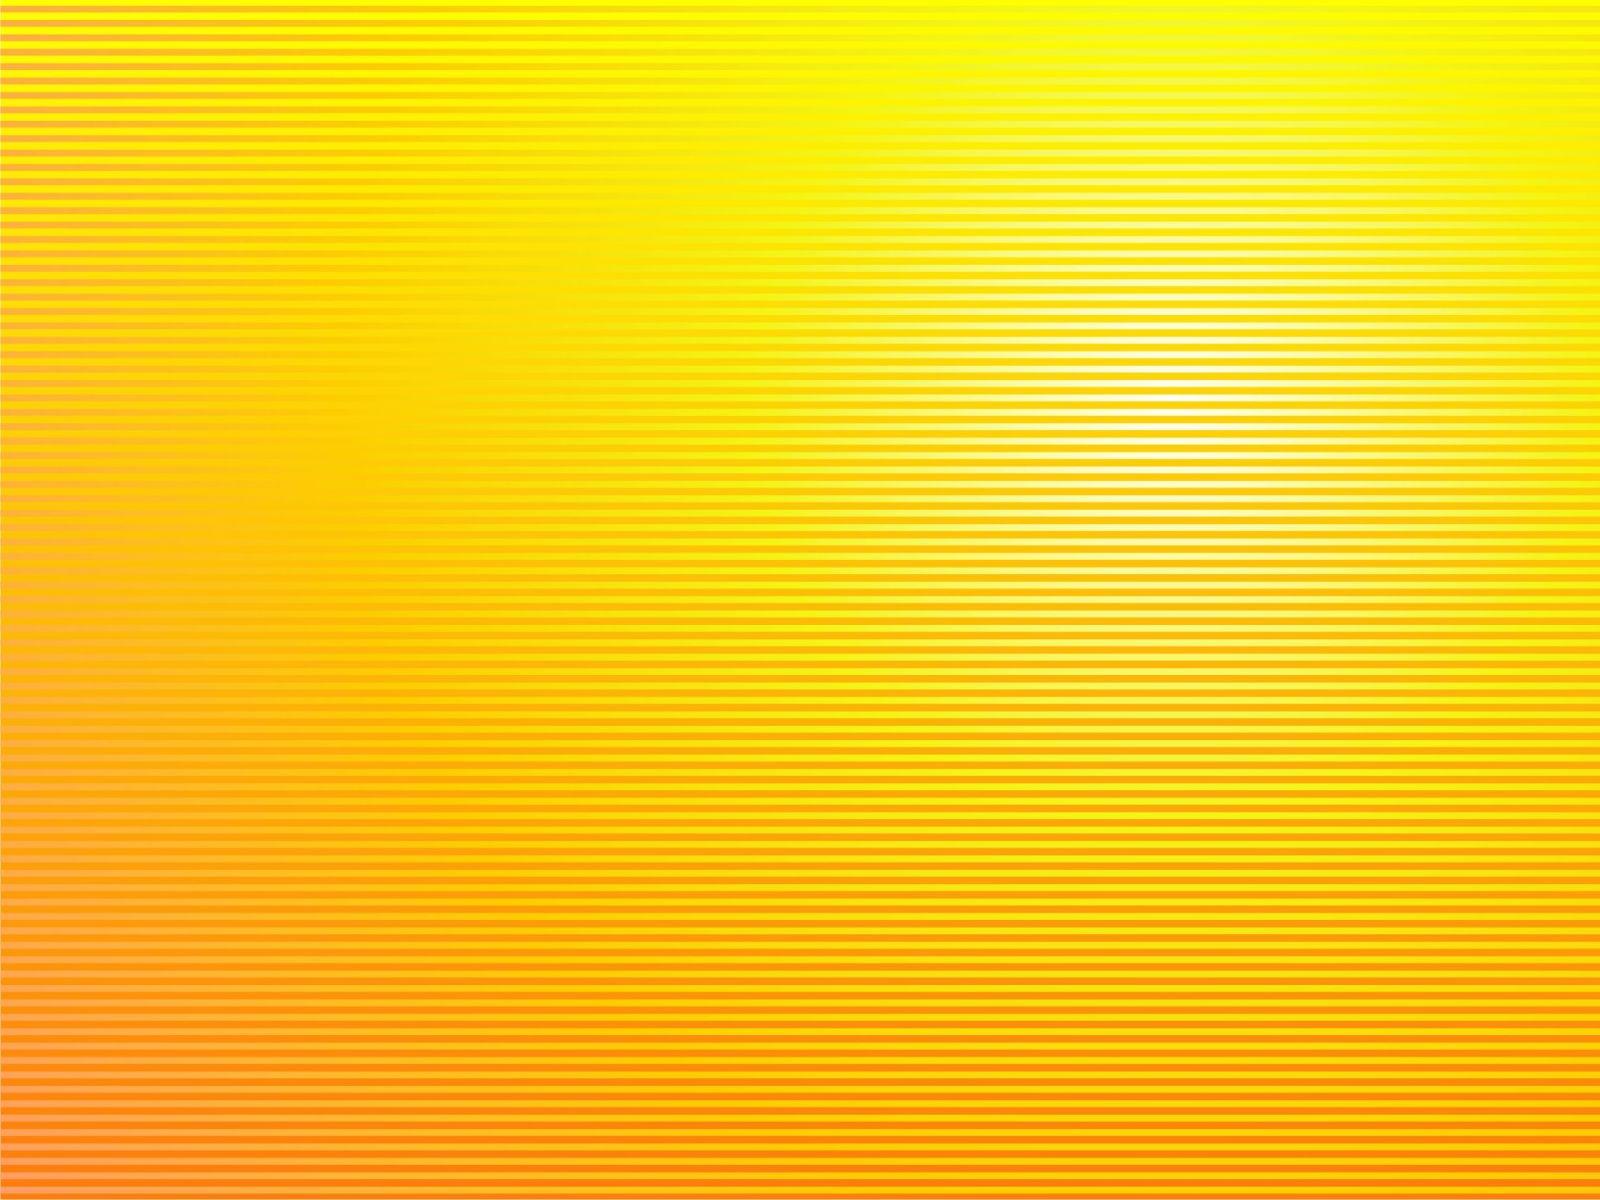 Hình nền kẻ màu vàng